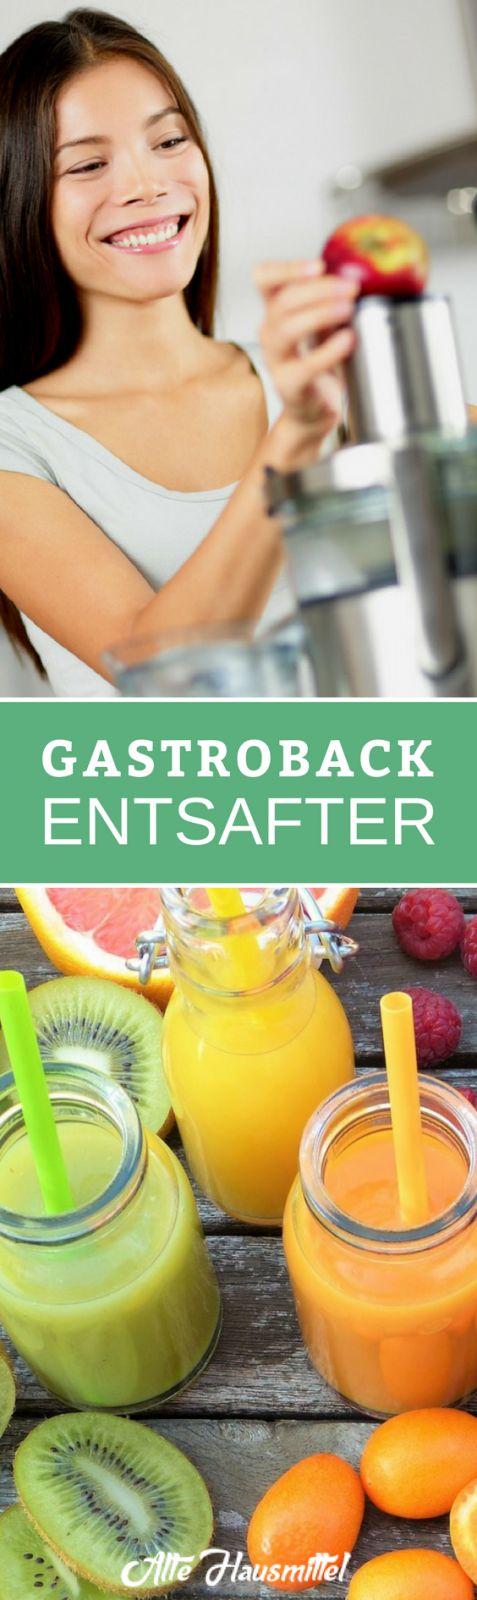 Weshalb die Entsafter von Gastroback so erstklassig sind ✅ 5 besten Entsafter mit Vor- & Nachteilen vorgestellt ✅ 40118 ✓ 40127 ✓ 40137 ✓ 40138 ✓ 40139